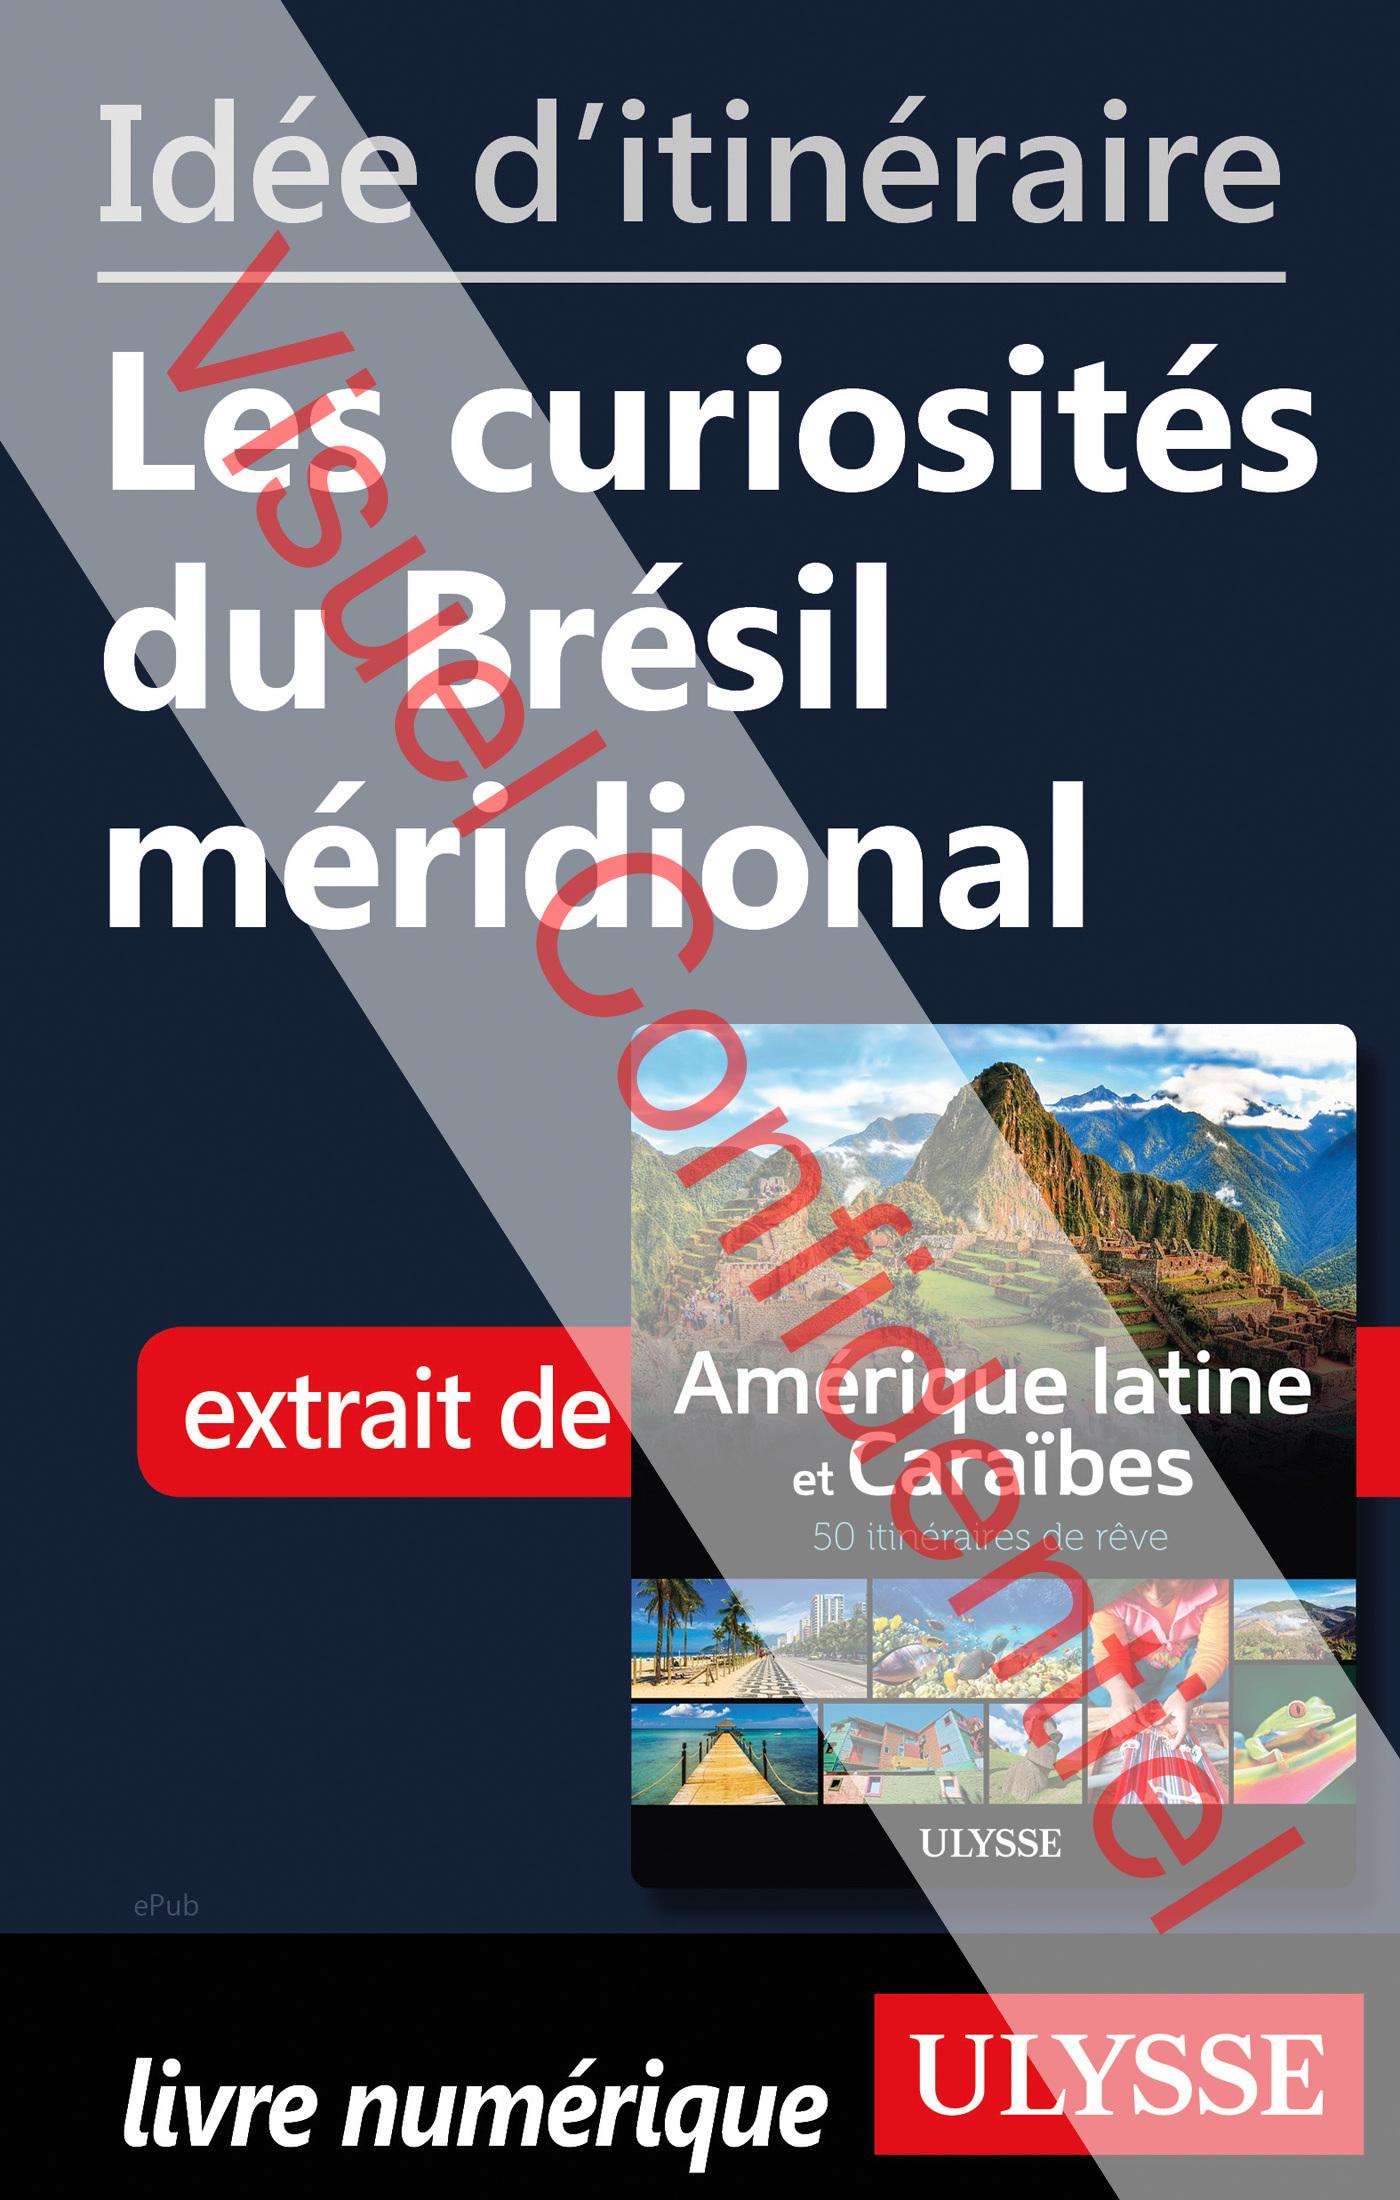 Idée d'itinéraire - Les curiosités du Brésil méridional